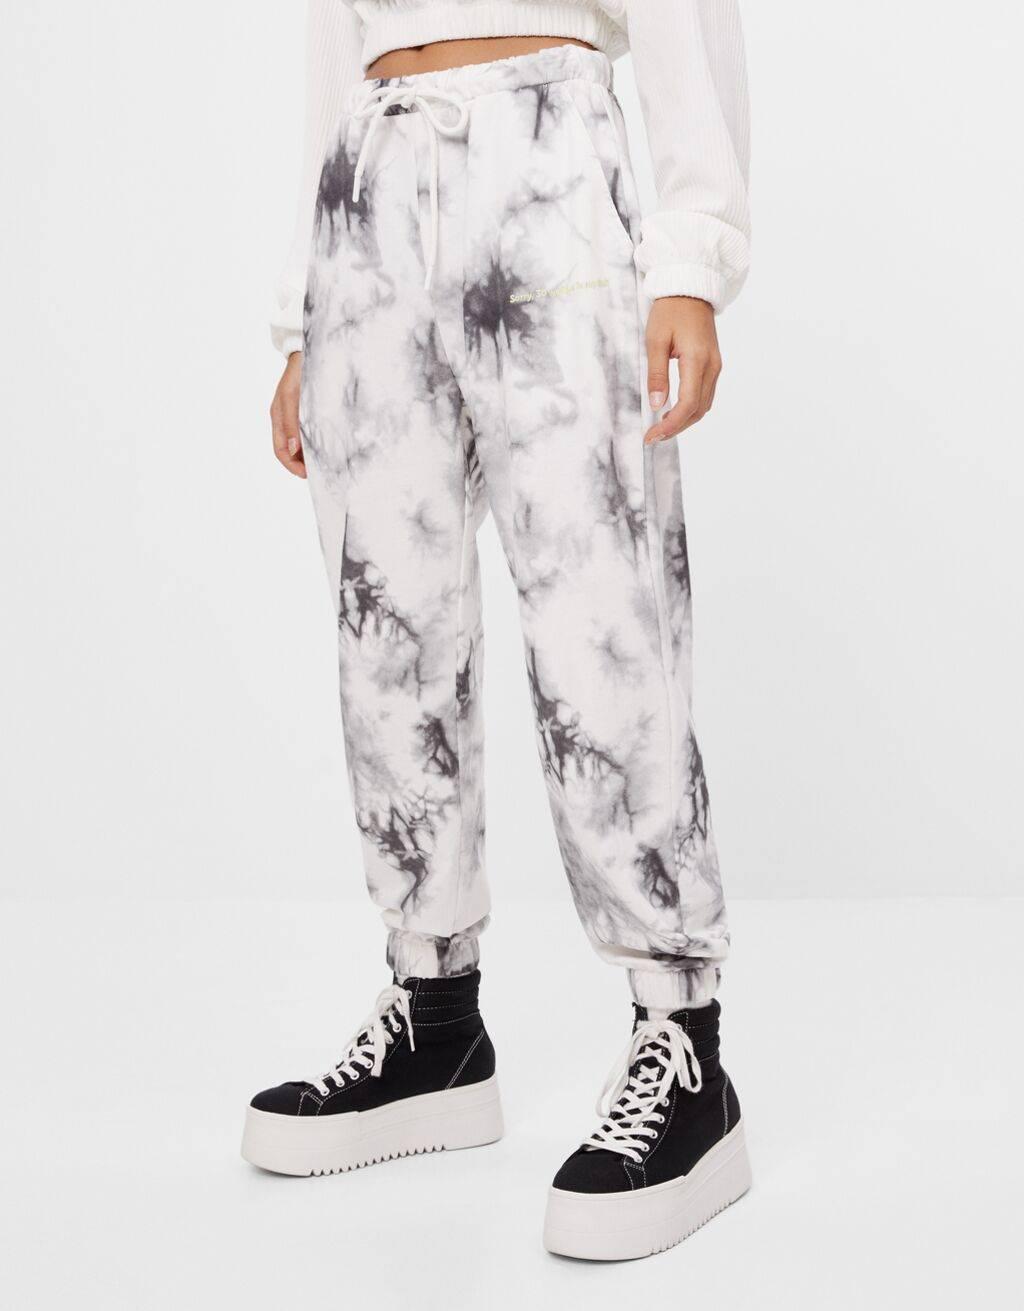 Pantalones Comodos Para Estar En Casa Pero Tambien Para Llevar Por La Calle